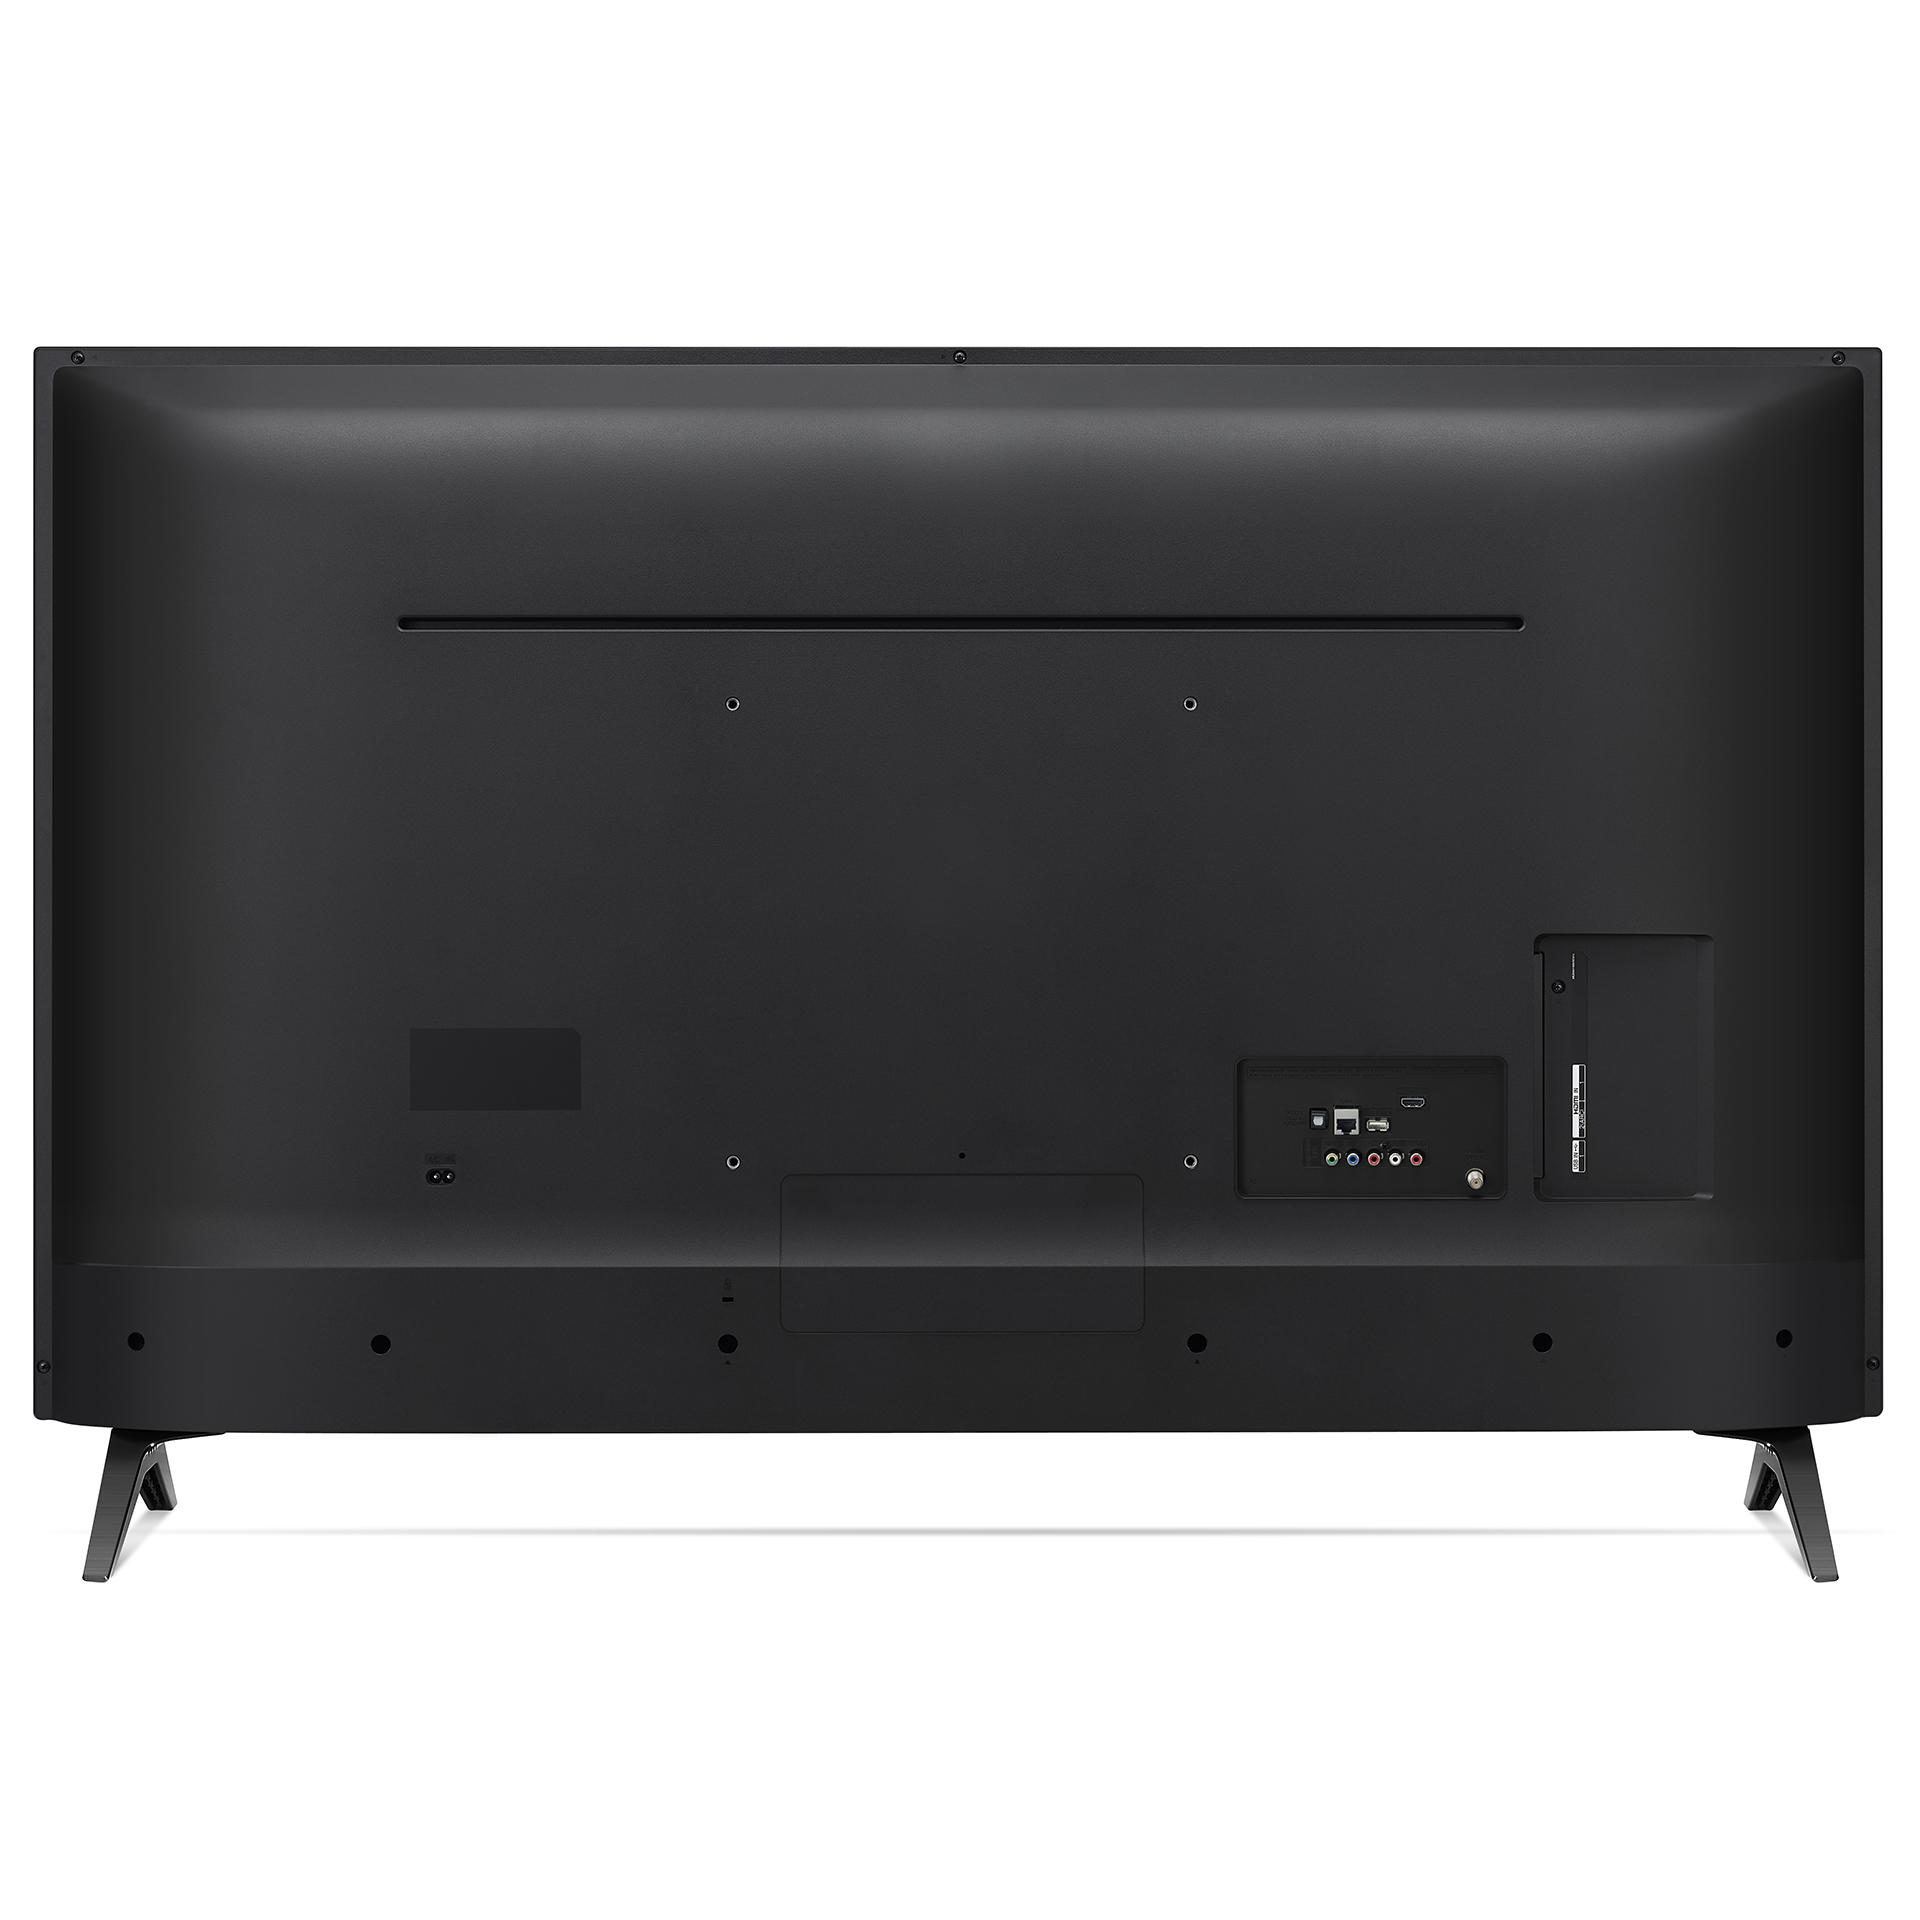 49'' LED-teler LG UM7100